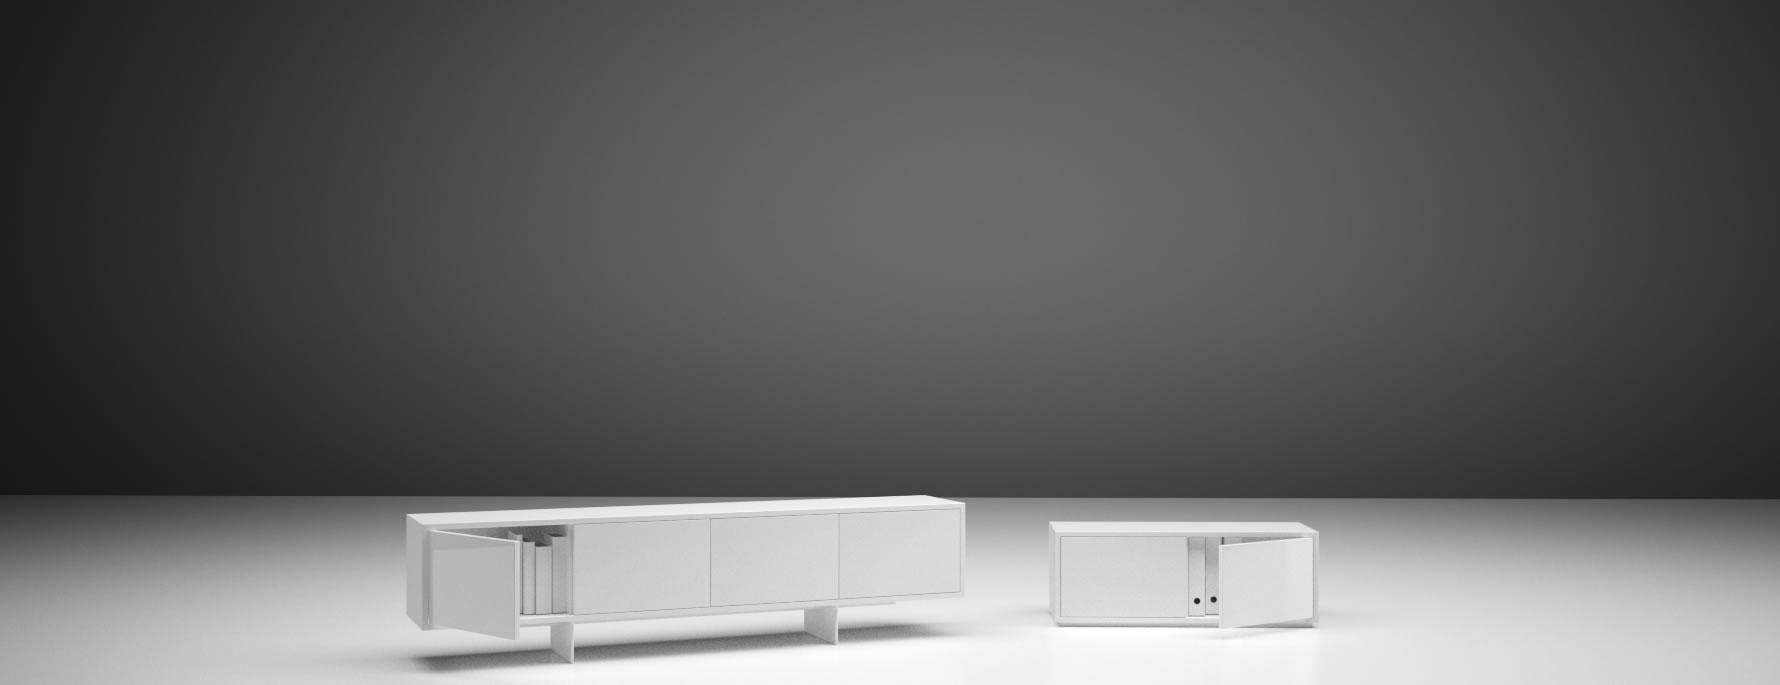 Lowboard Auxilium Exklusives Design Lowboard Von Rechteck